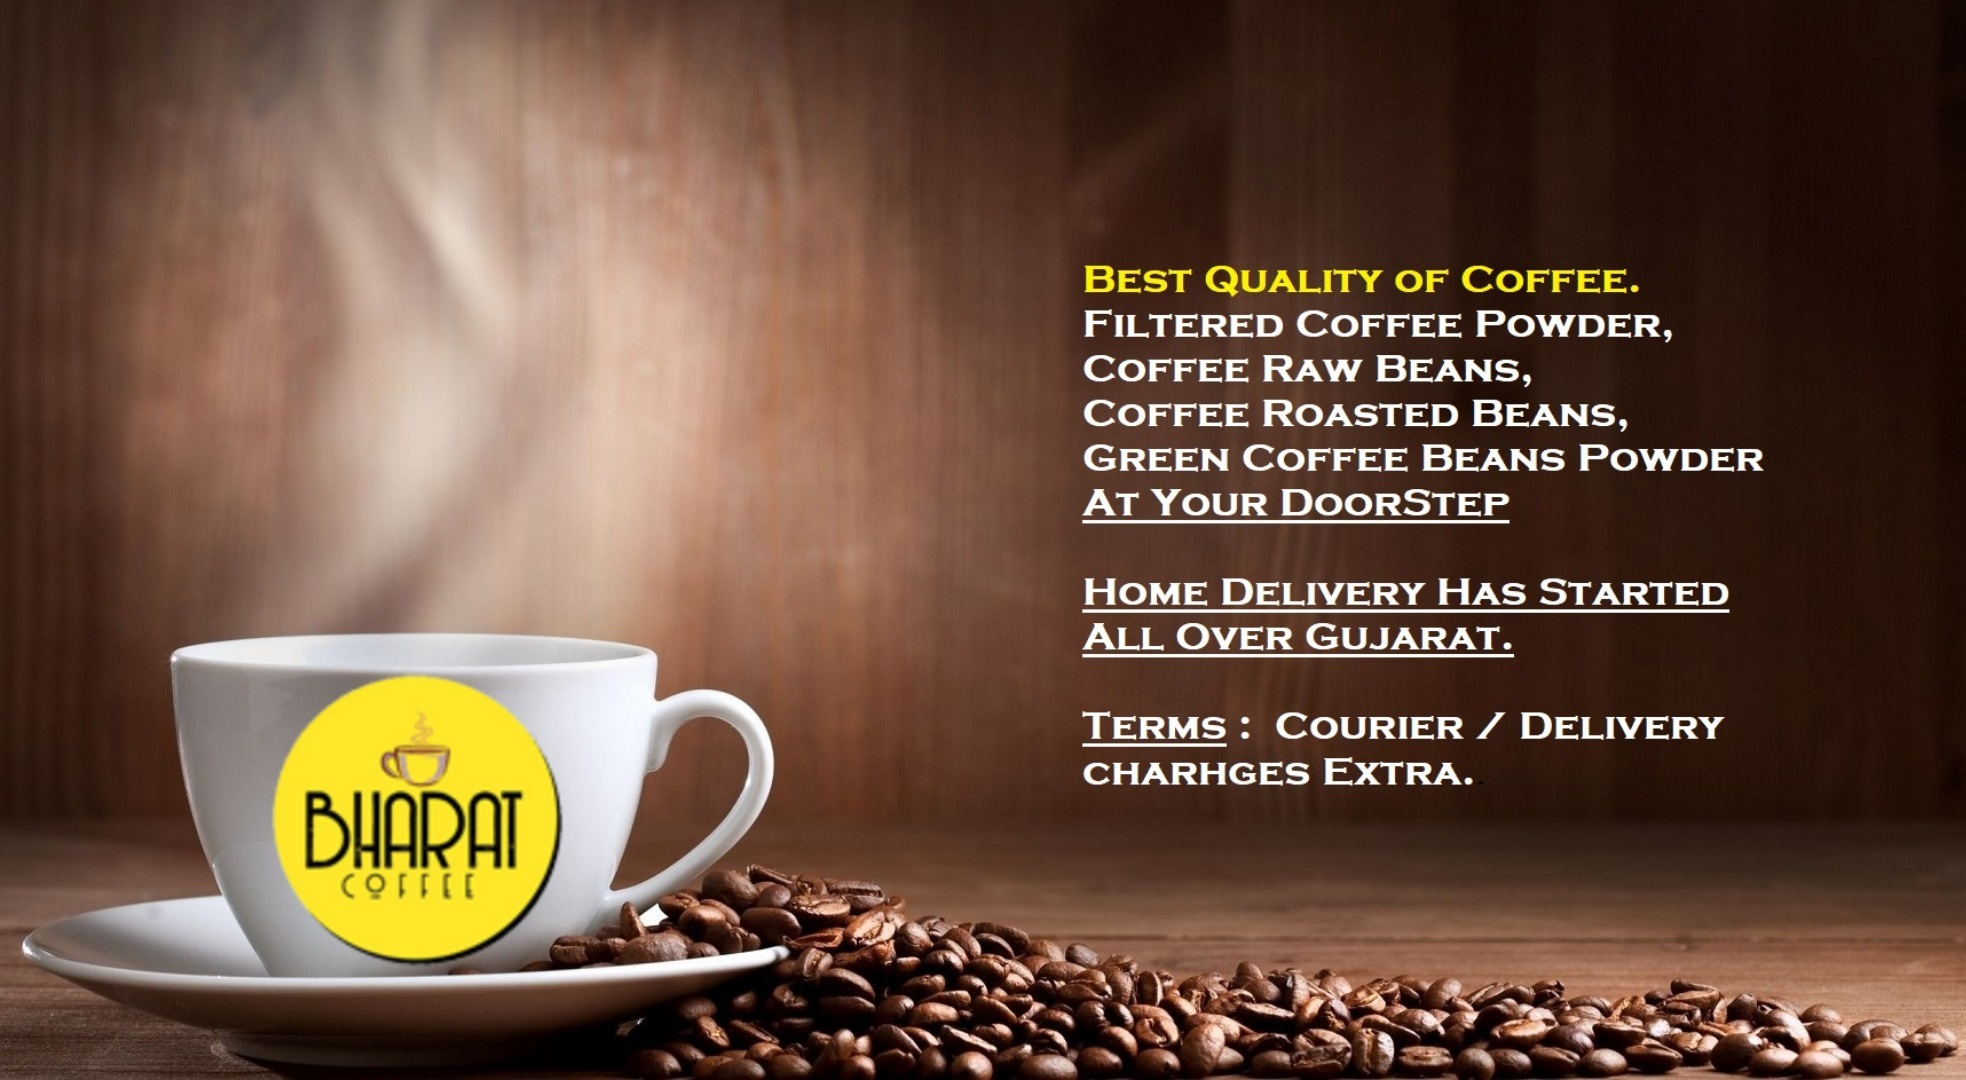 Plantation B Coffee